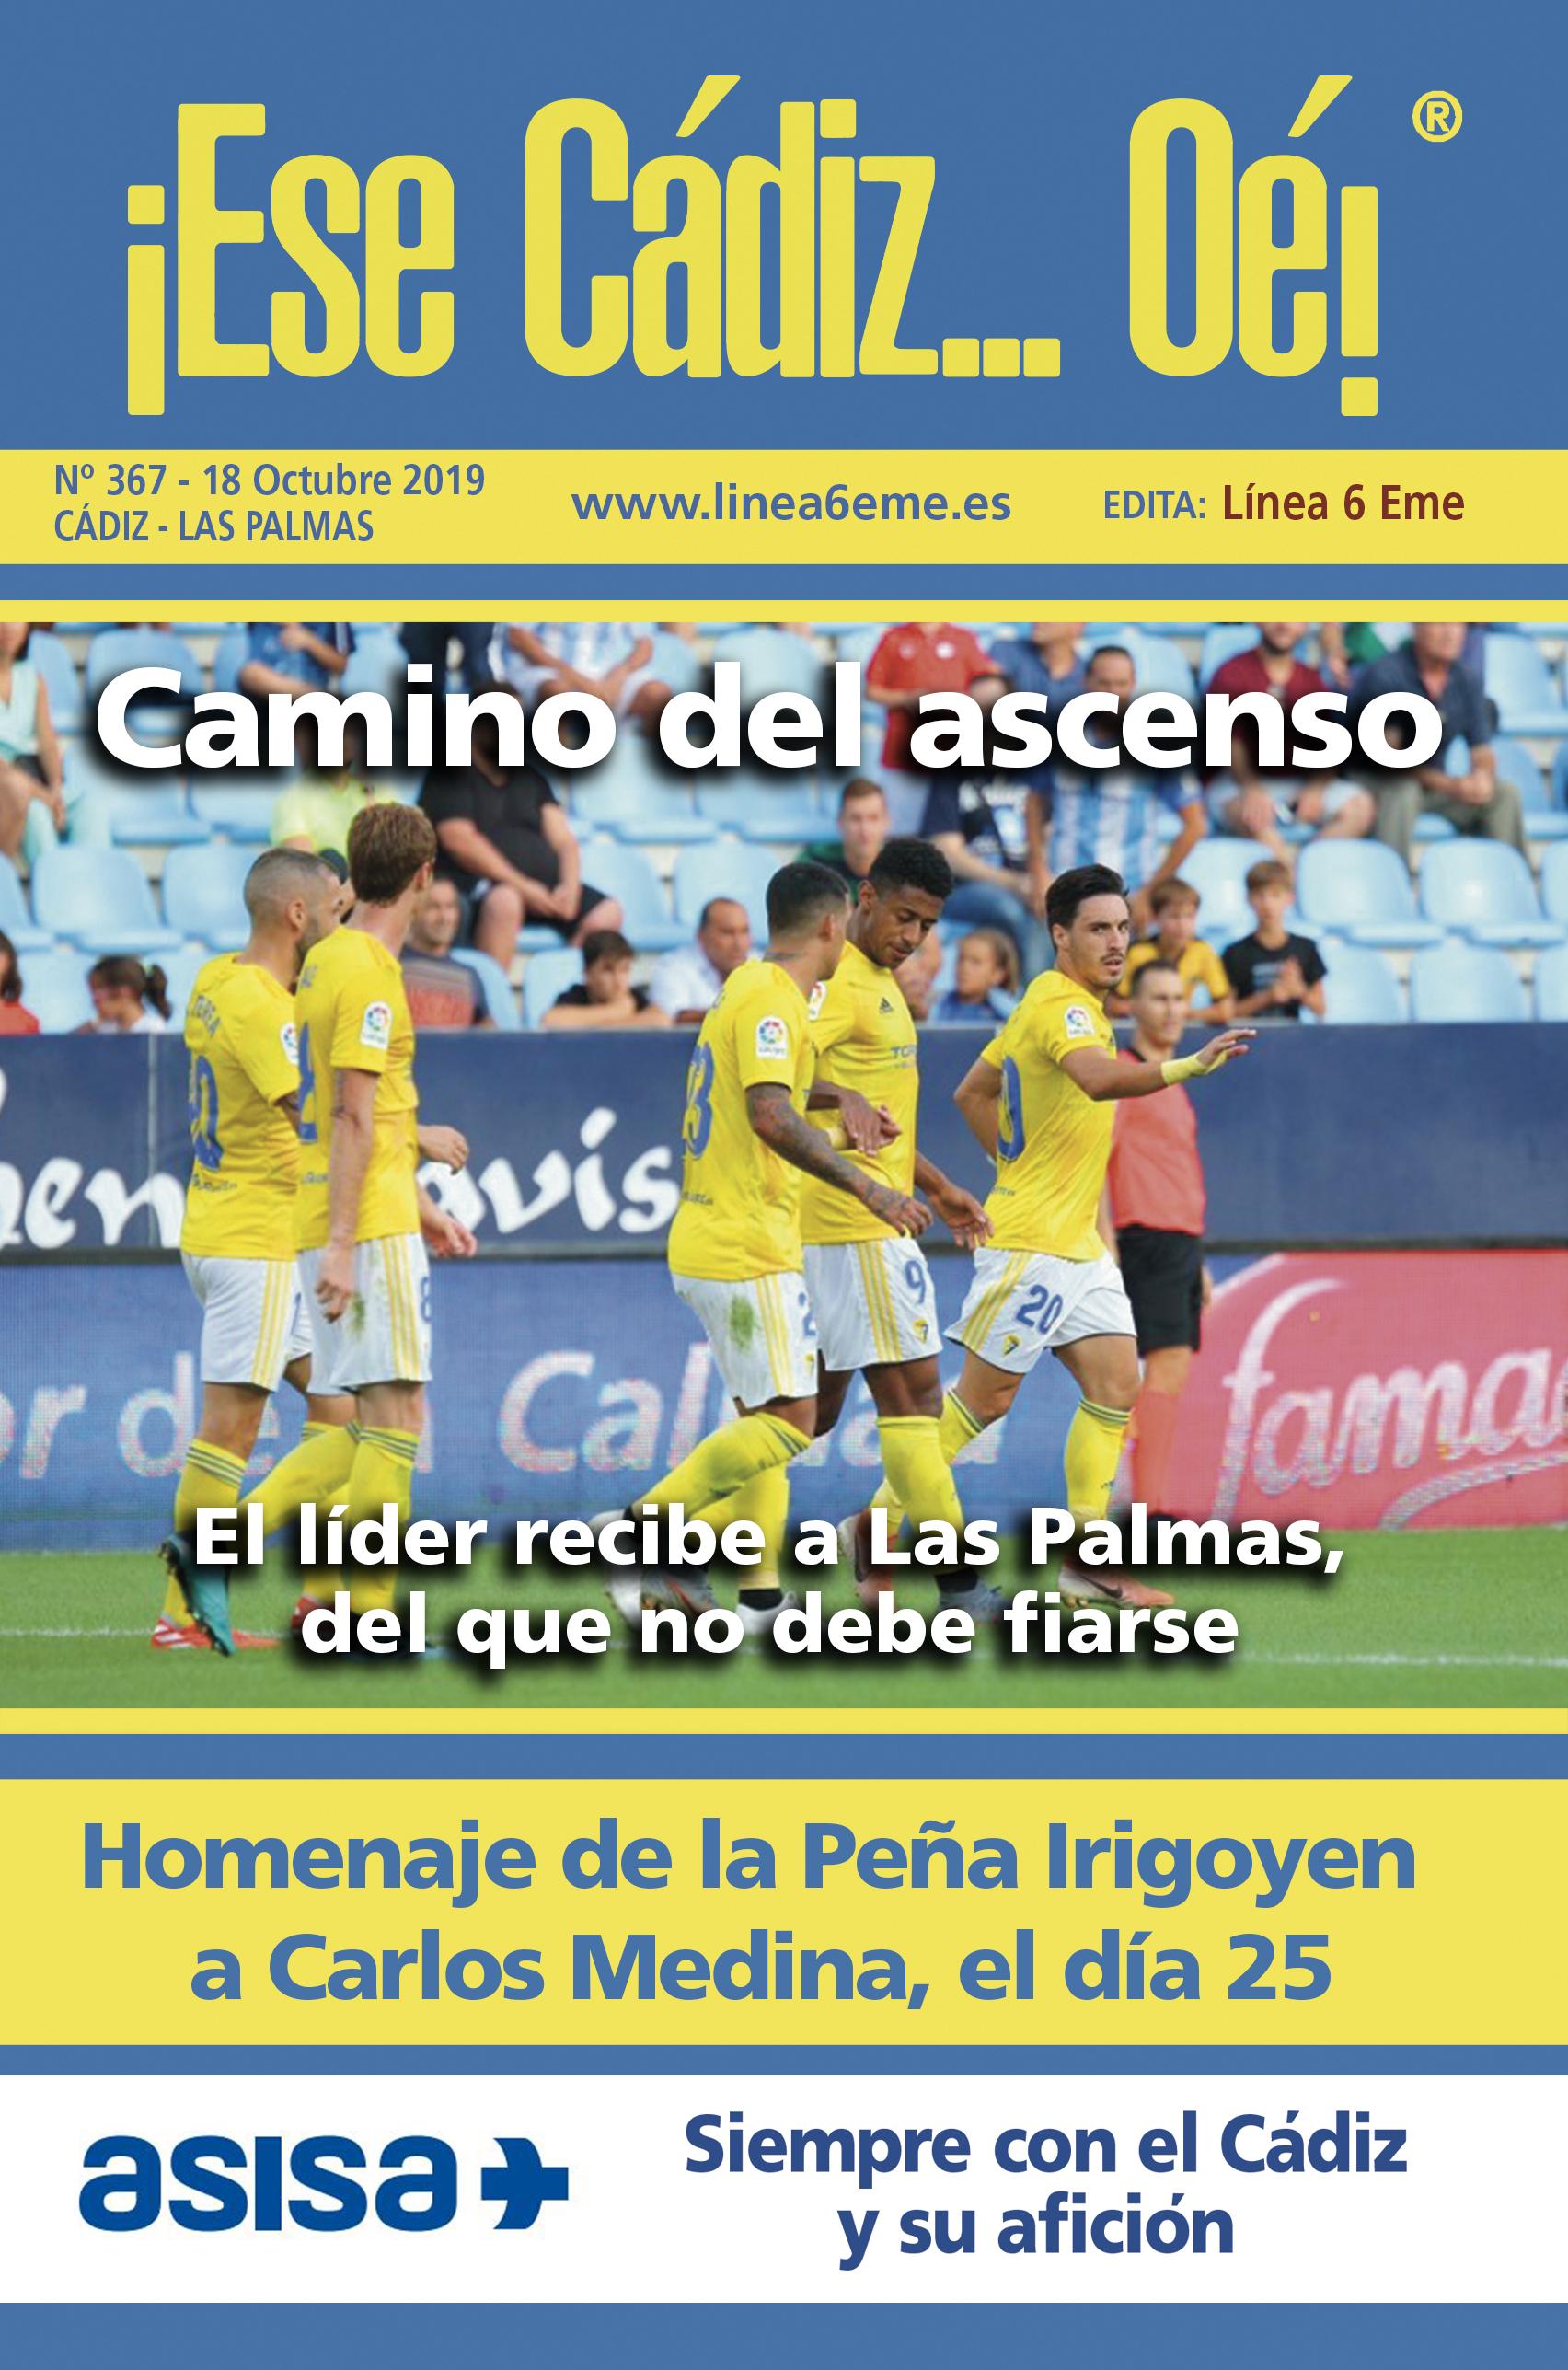 ¡Ese Cádiz…Oé! núm. 367 Temporada 2019/20